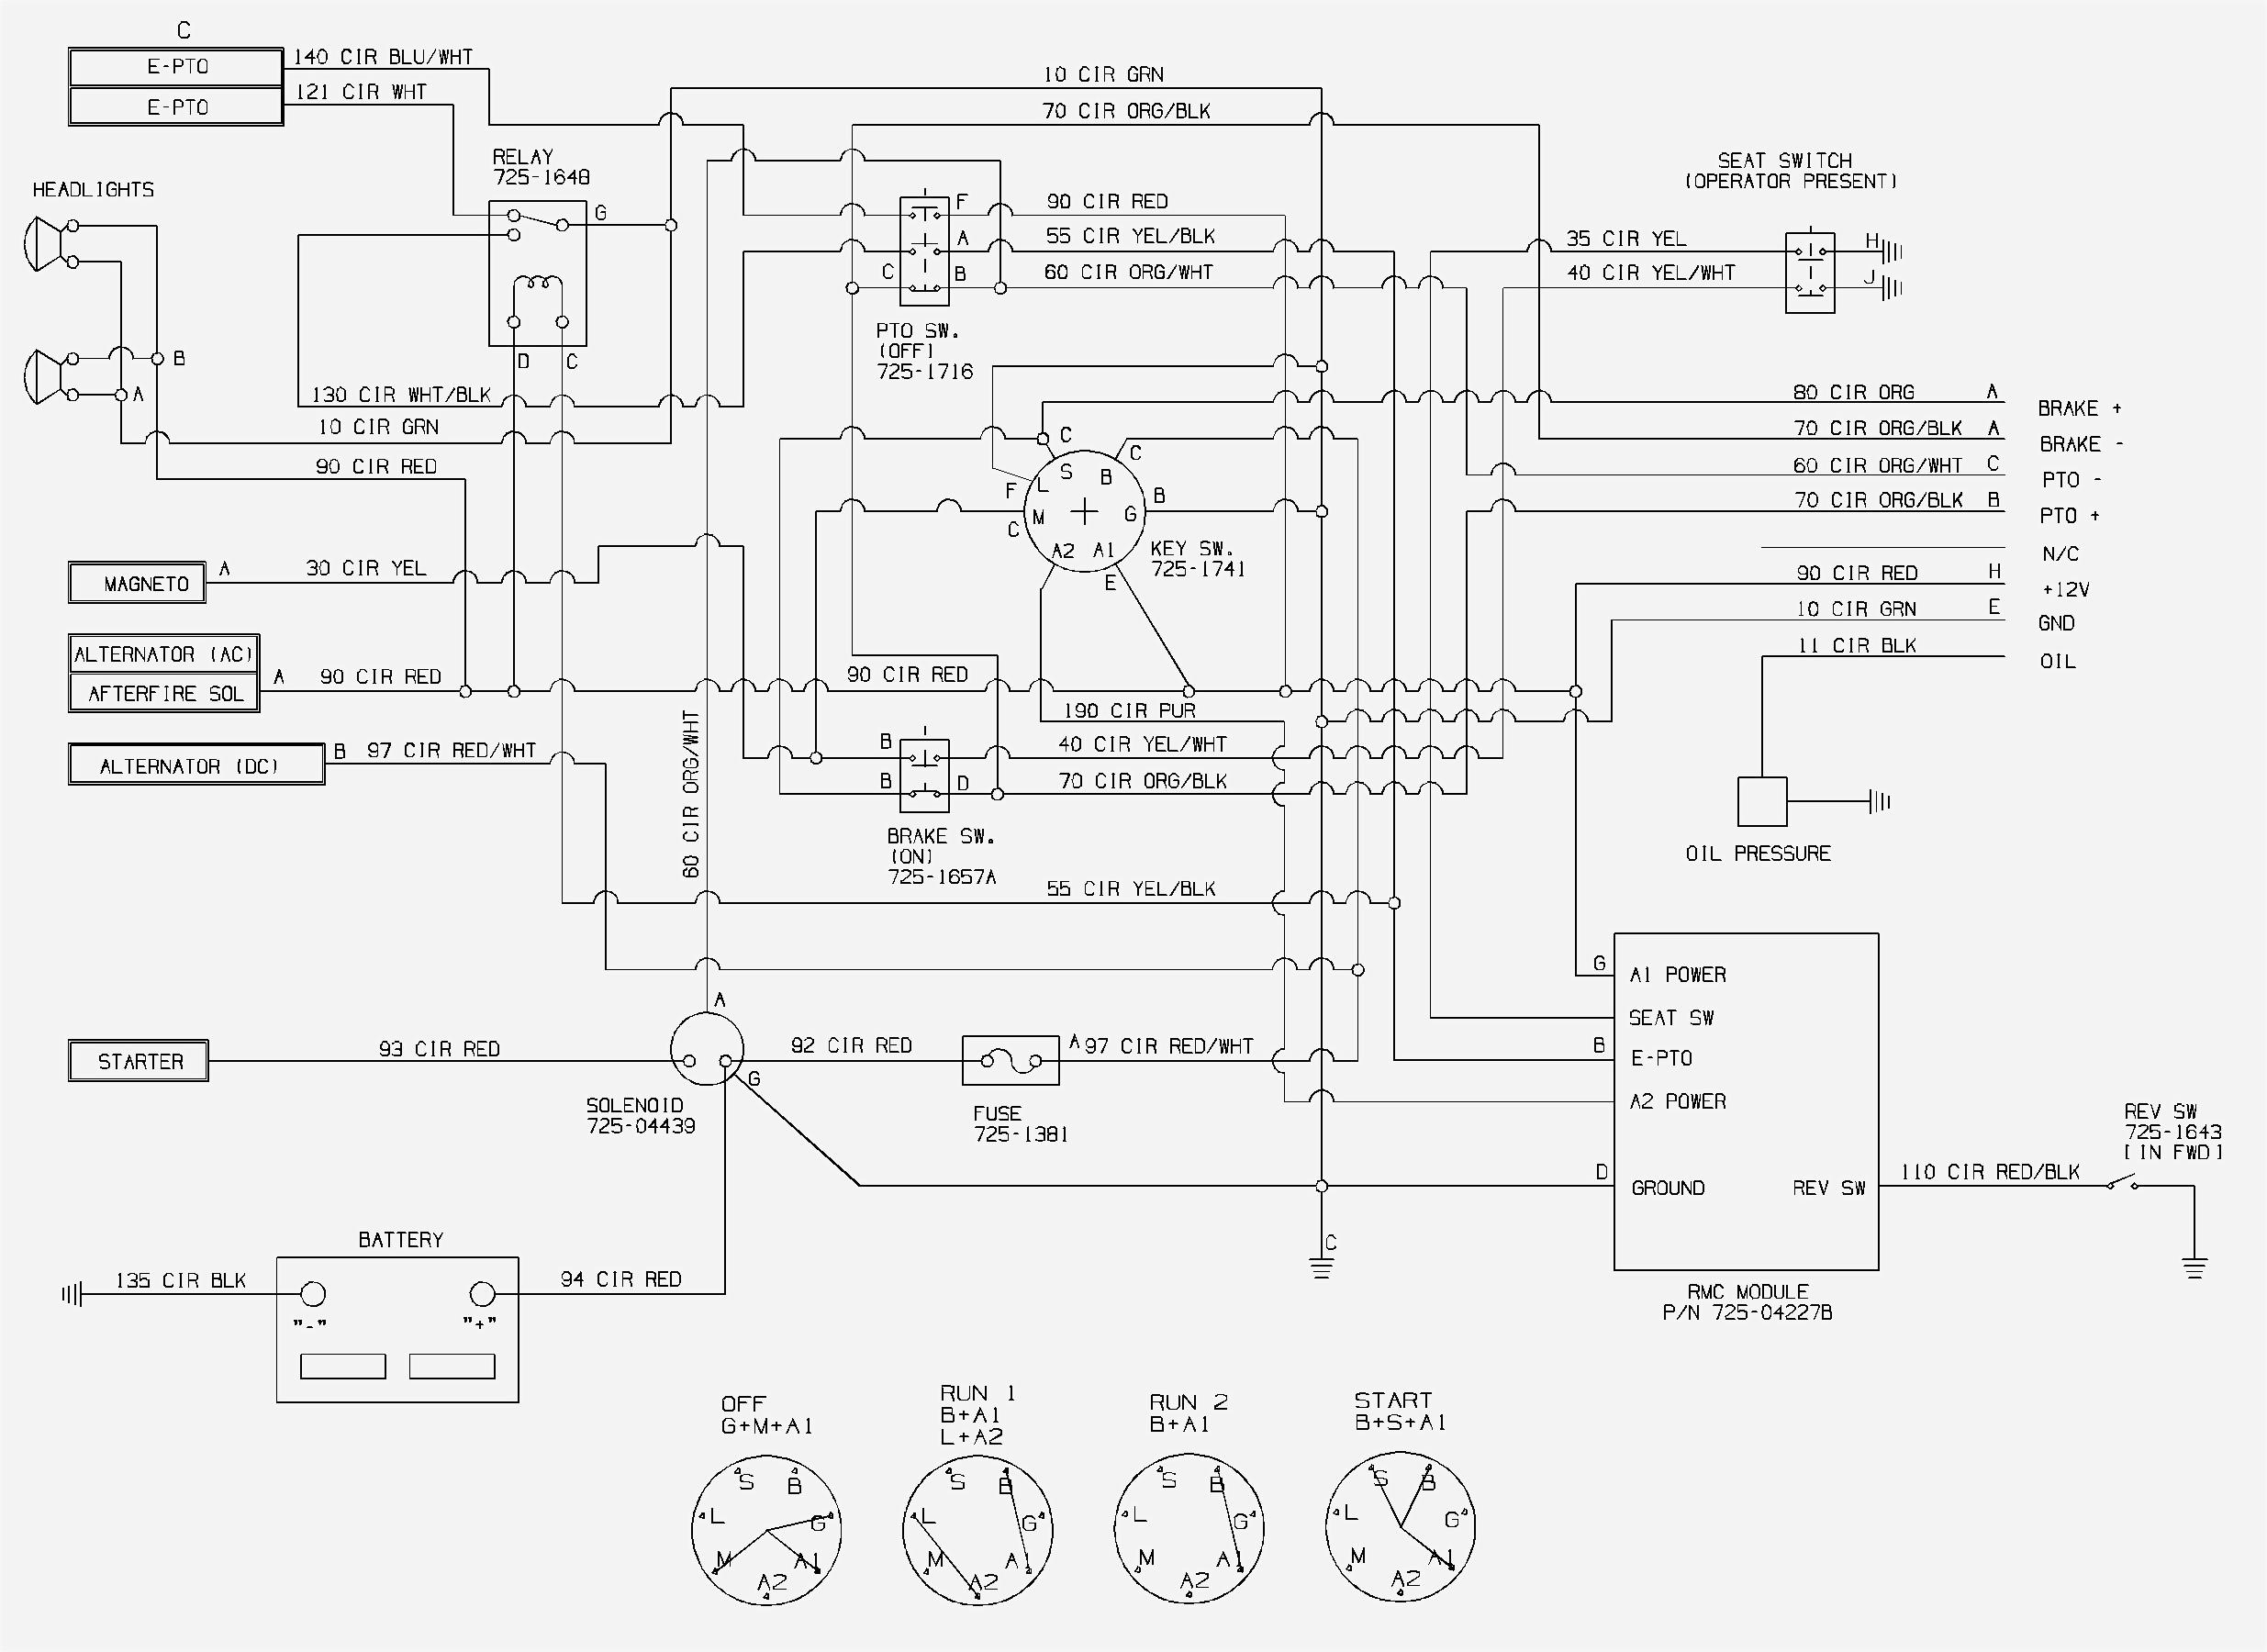 1962 cub cadet wiring schematic wiring diagram Cub Cadet LT1018 Wiring Schematic 1962 cub cadet wiring schematic wiring diagramcub cadet 1054 schematics trusted wiring diagram onlinecub cadet 1054